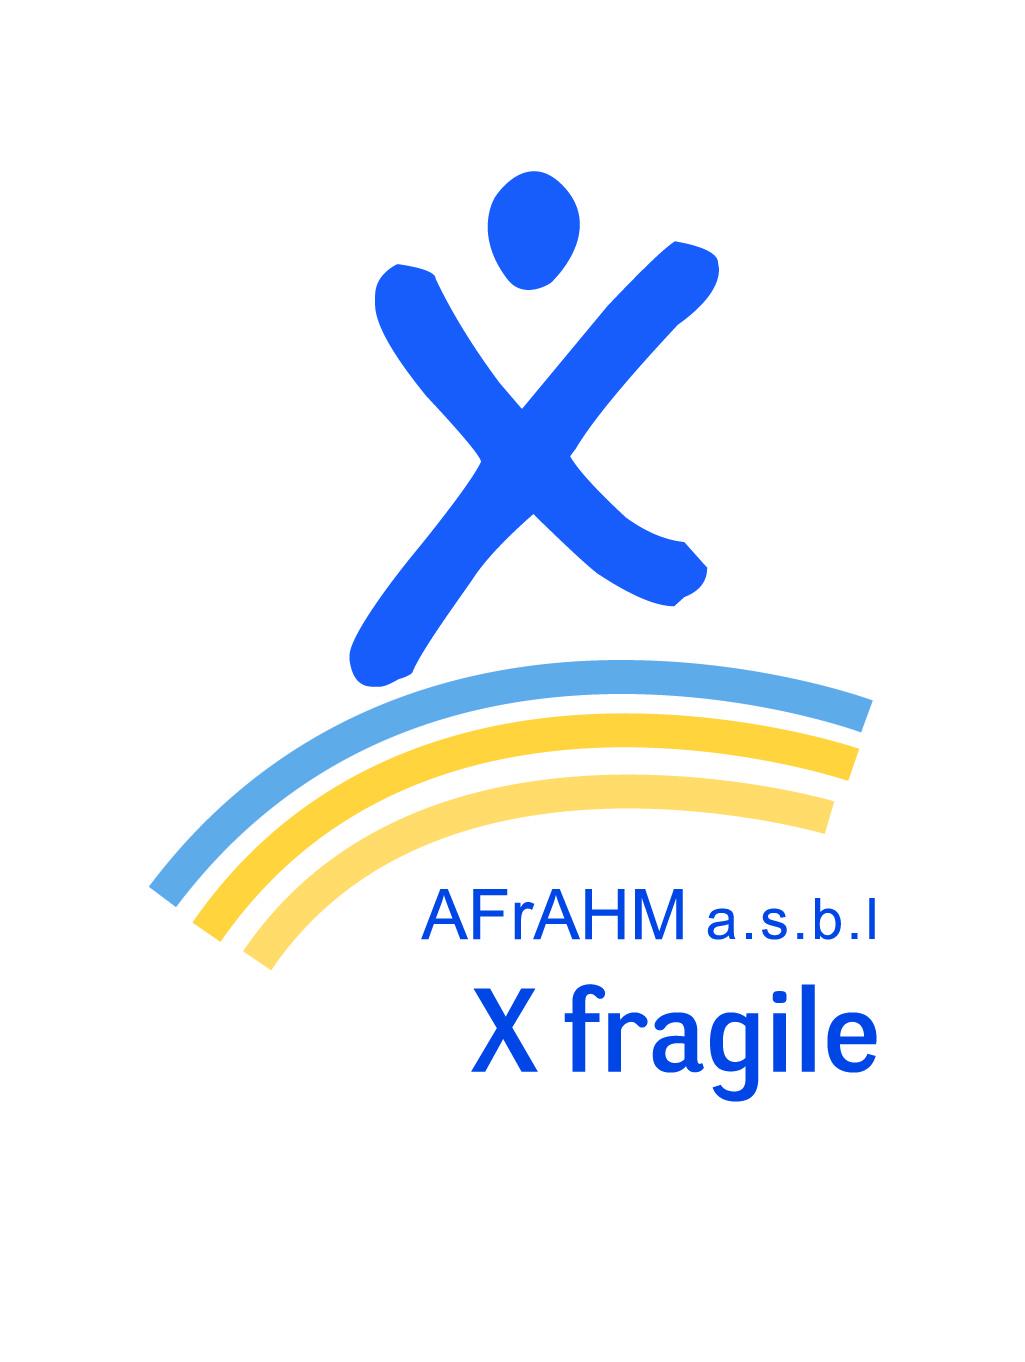 logo-afrahm-x-fragile